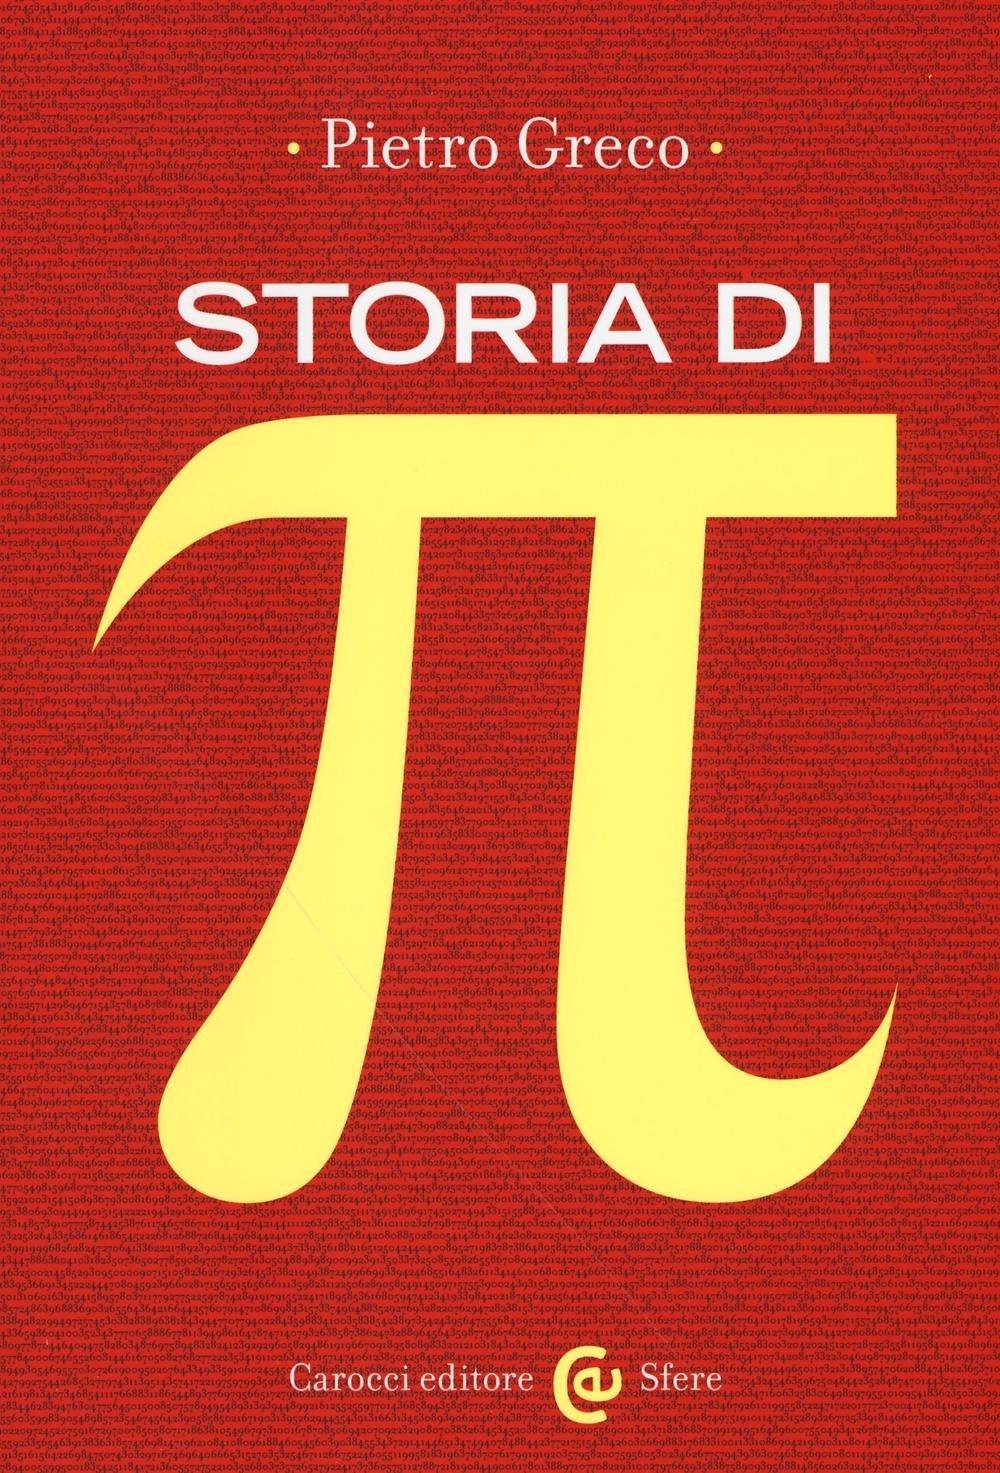 Storia di Pi Greco